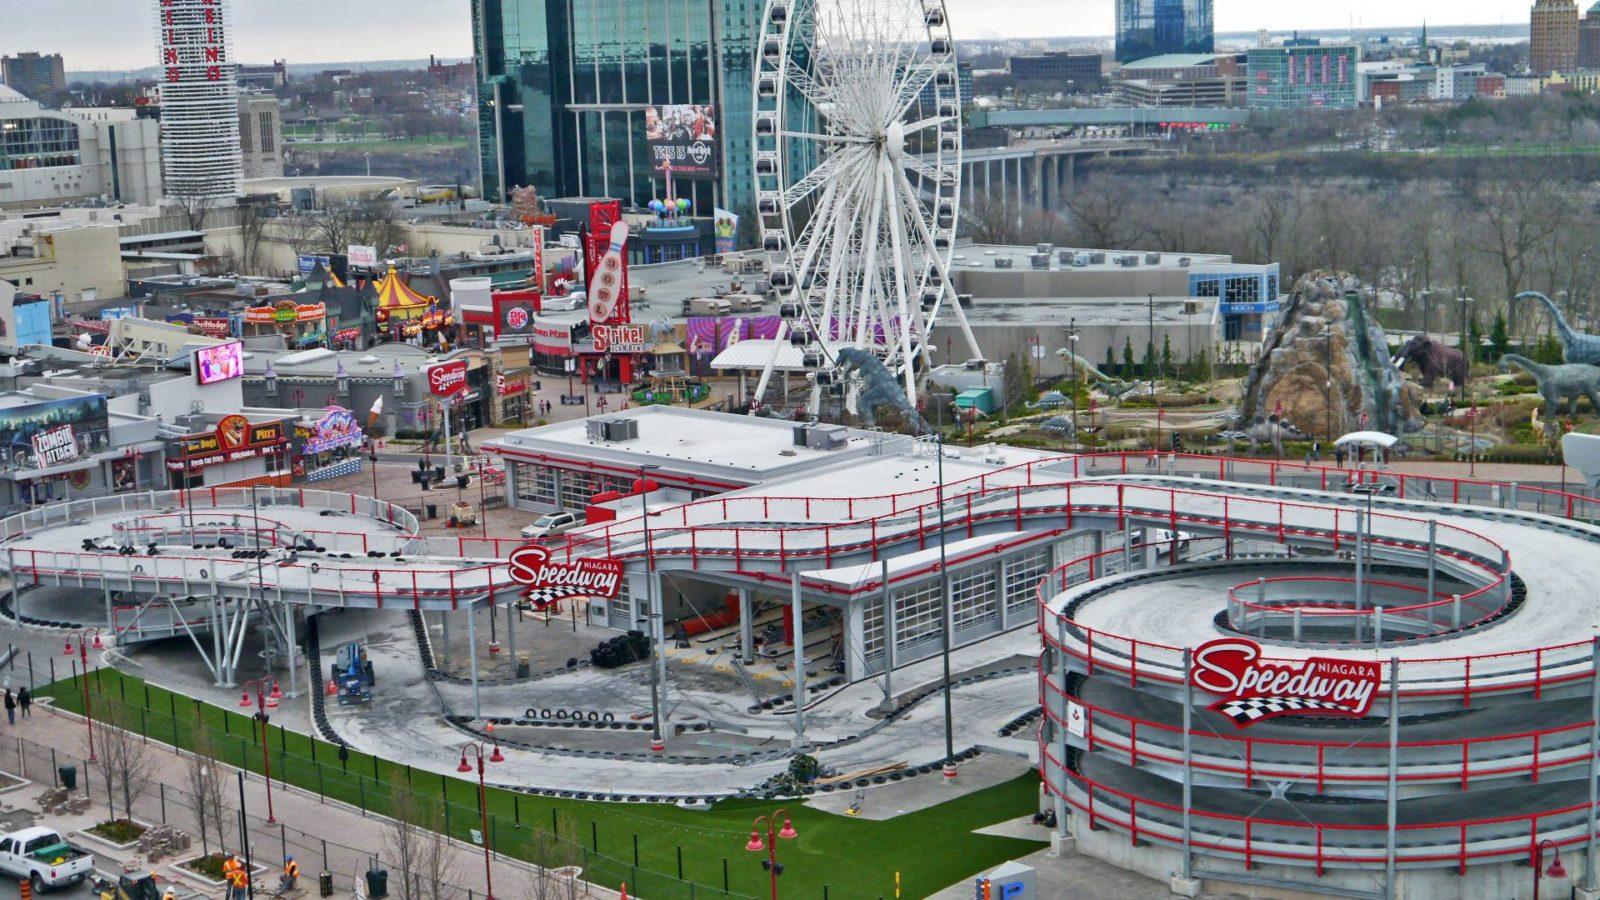 Mario_Kart_Speedway_Niagara_Falls.jpg